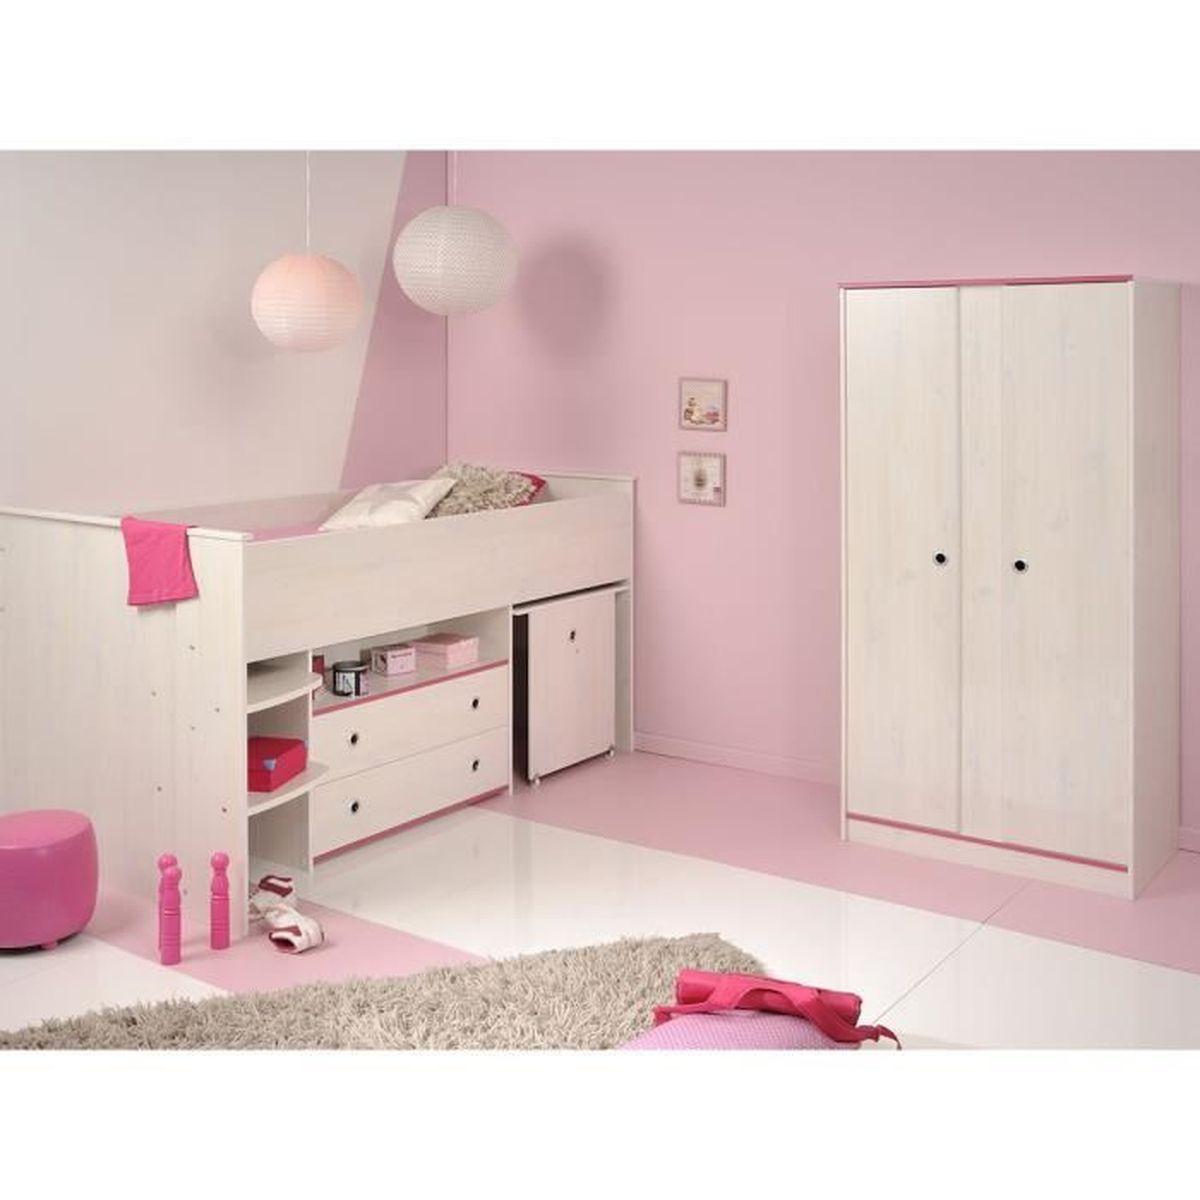 Lit combin armoire lit armoire mobilier enfants with lit - Lit combine armoire ...